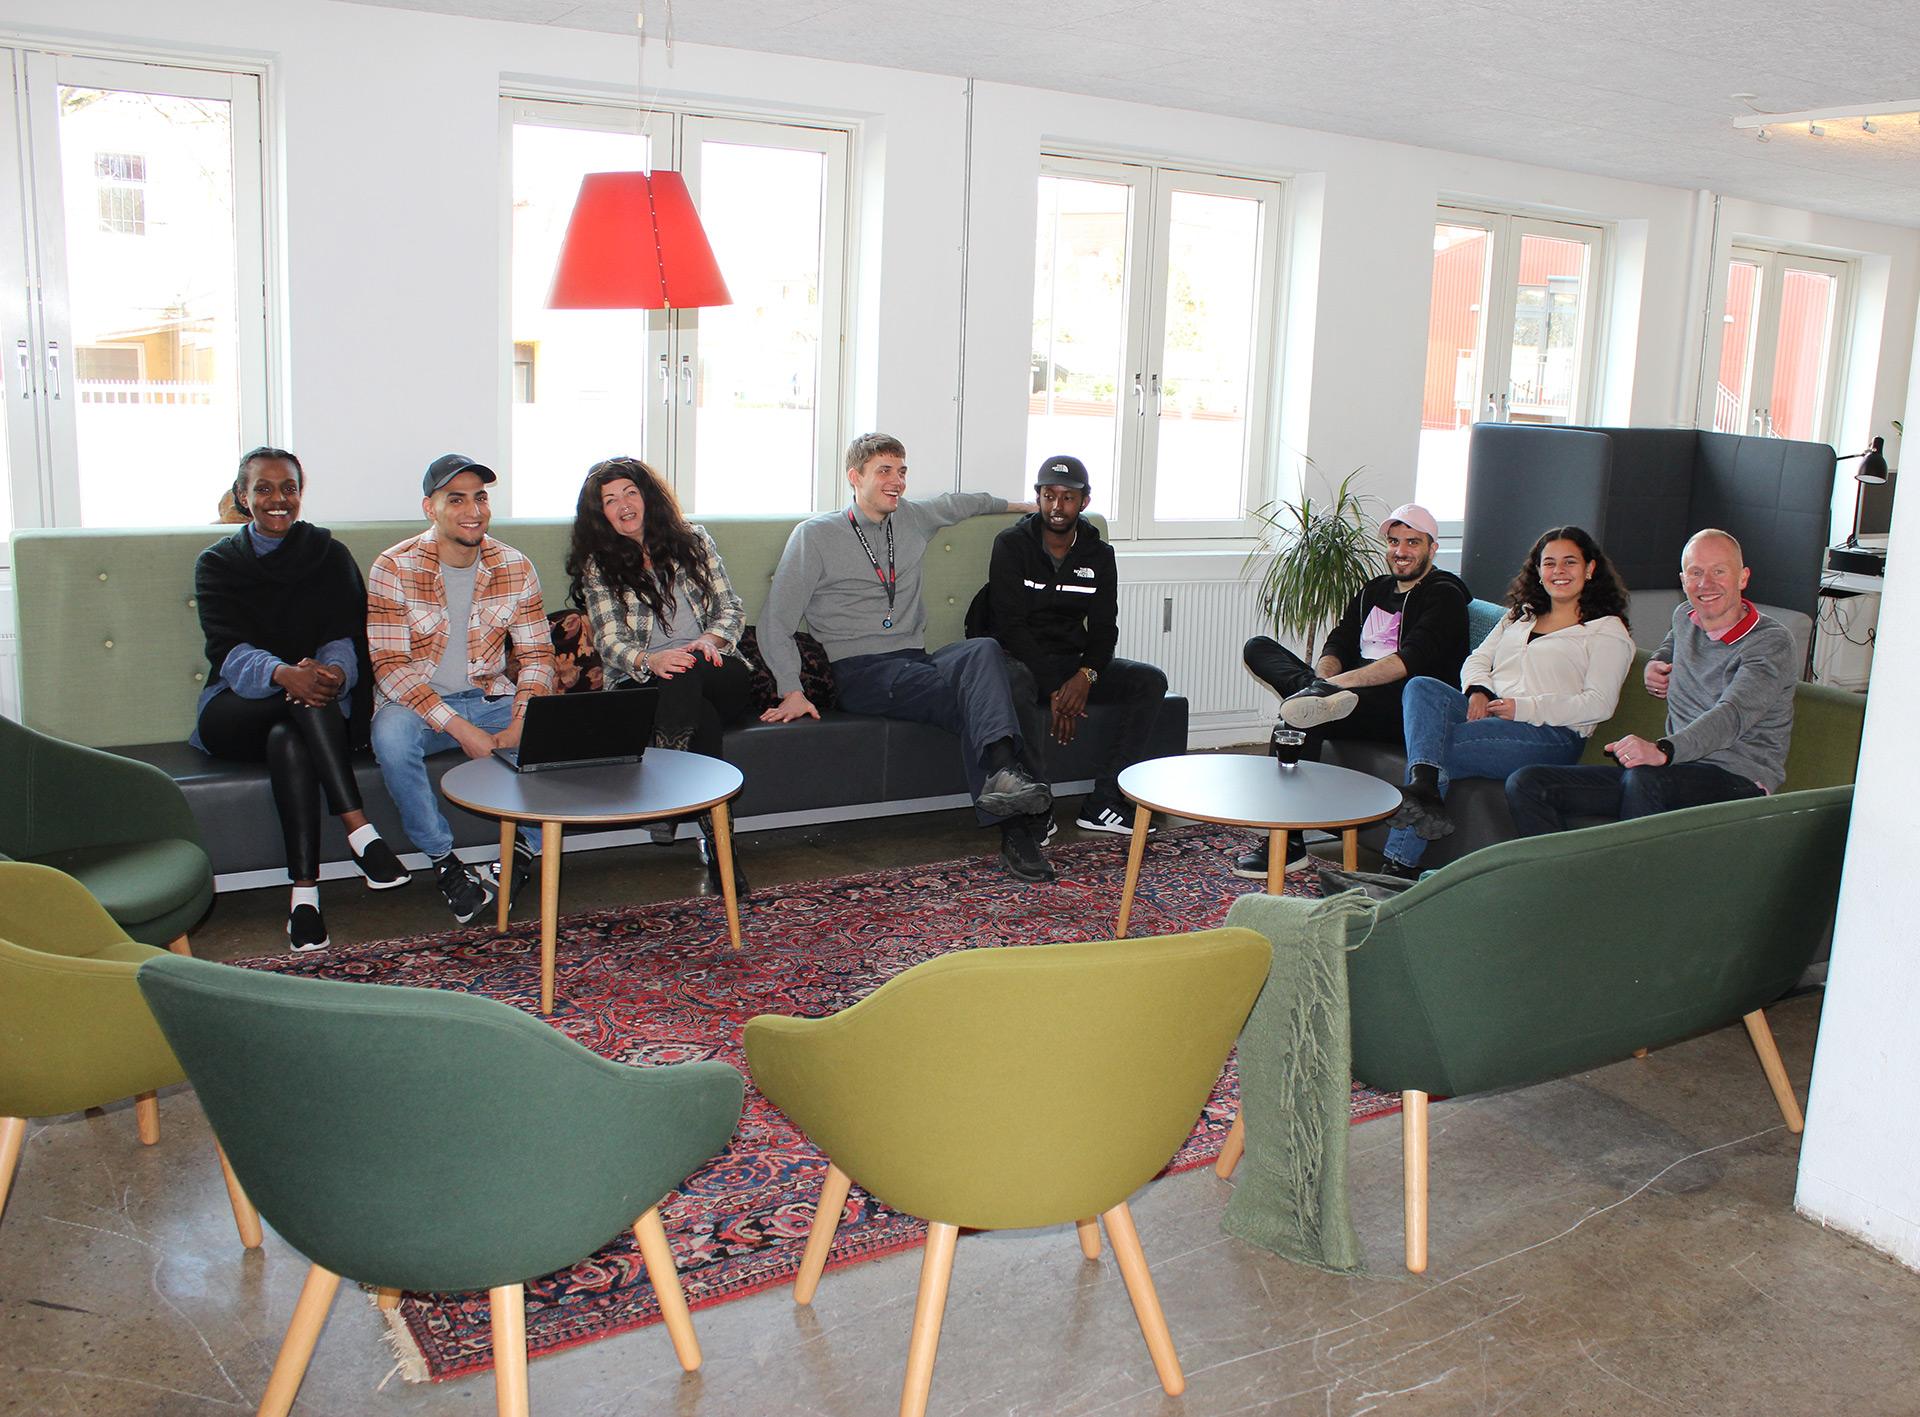 Hellebros værested i Valby for unge hjemløse har fået en opgradering med nye møbler i fælleslokalerne.